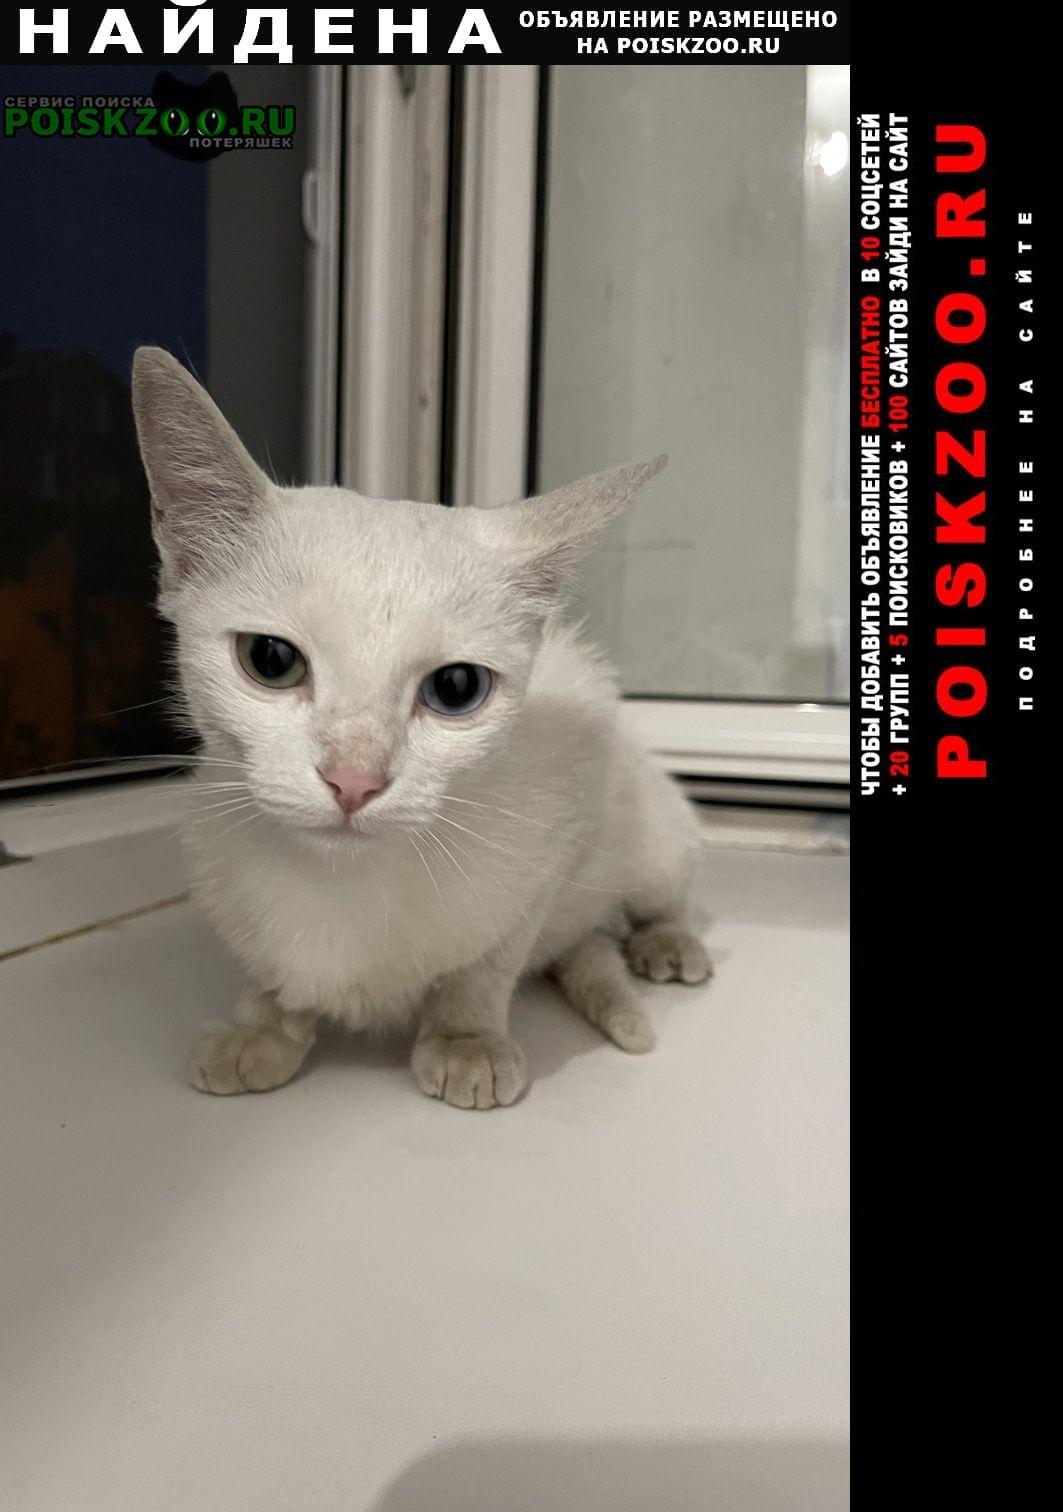 Найдена кошка белая с глазами разного цвета Воронеж